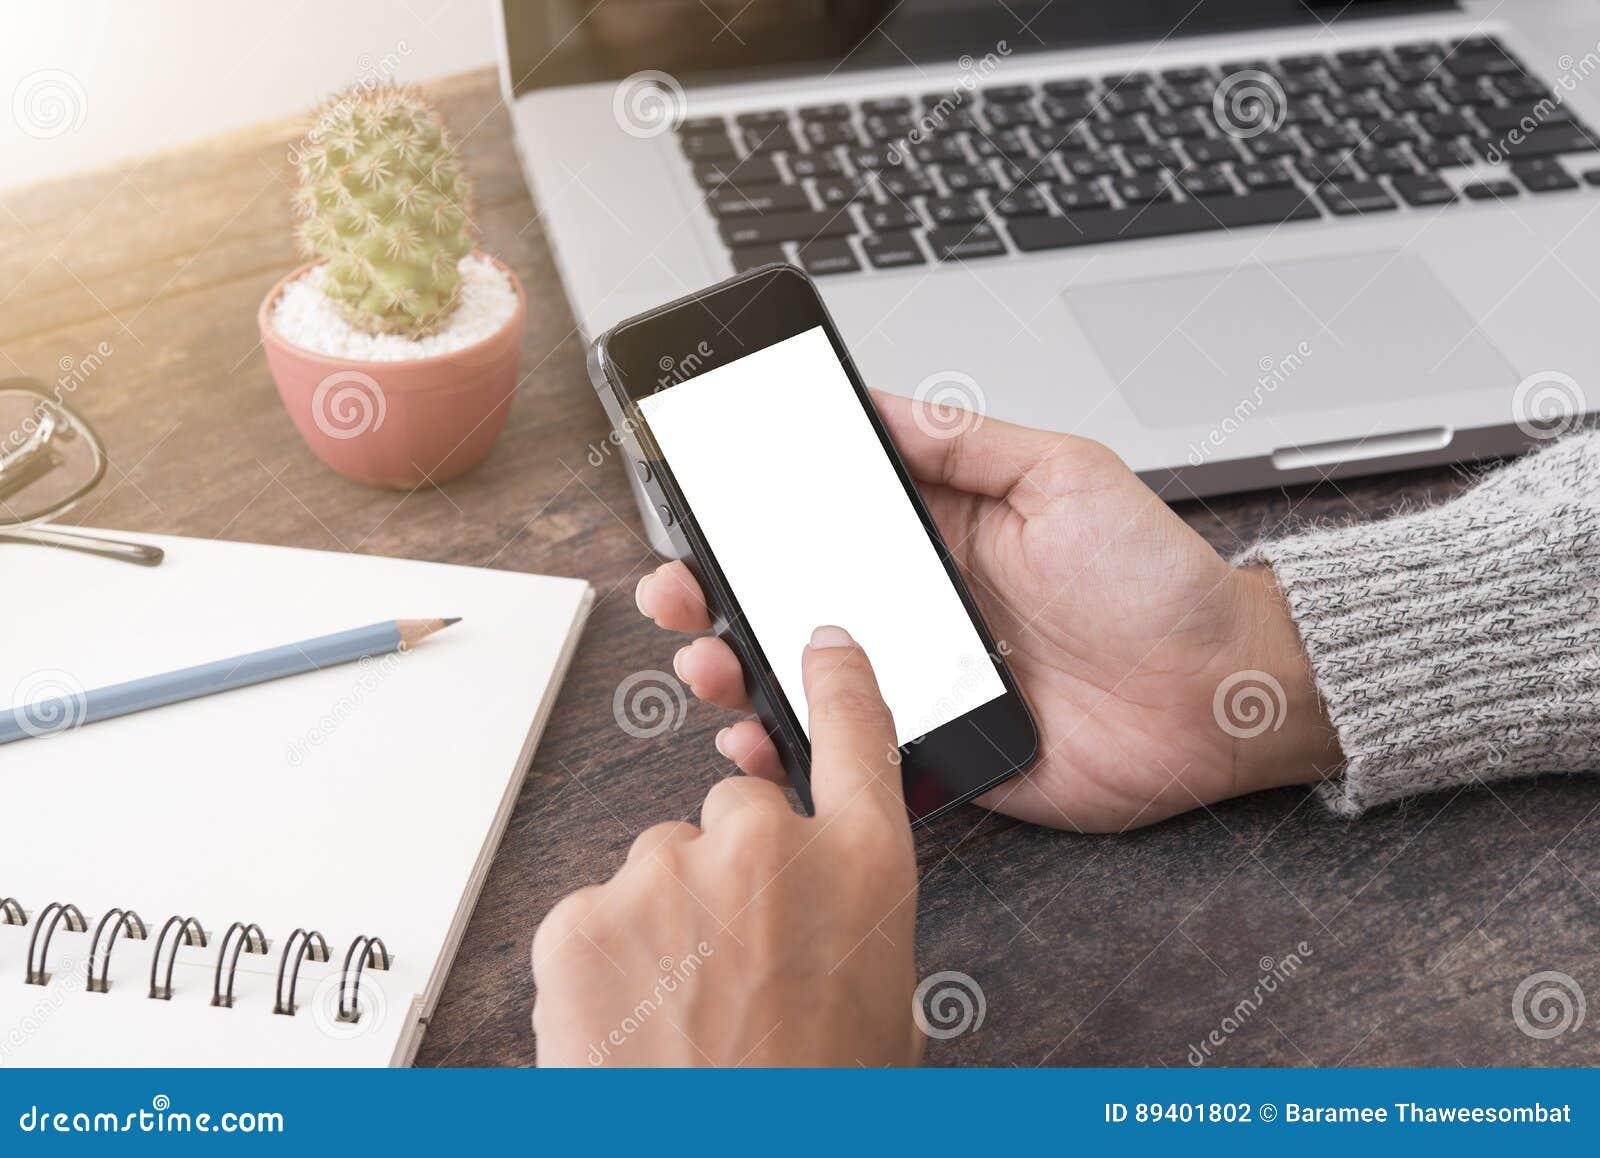 Mão do negócio que mantém o telefone esperto com tela branca isolado